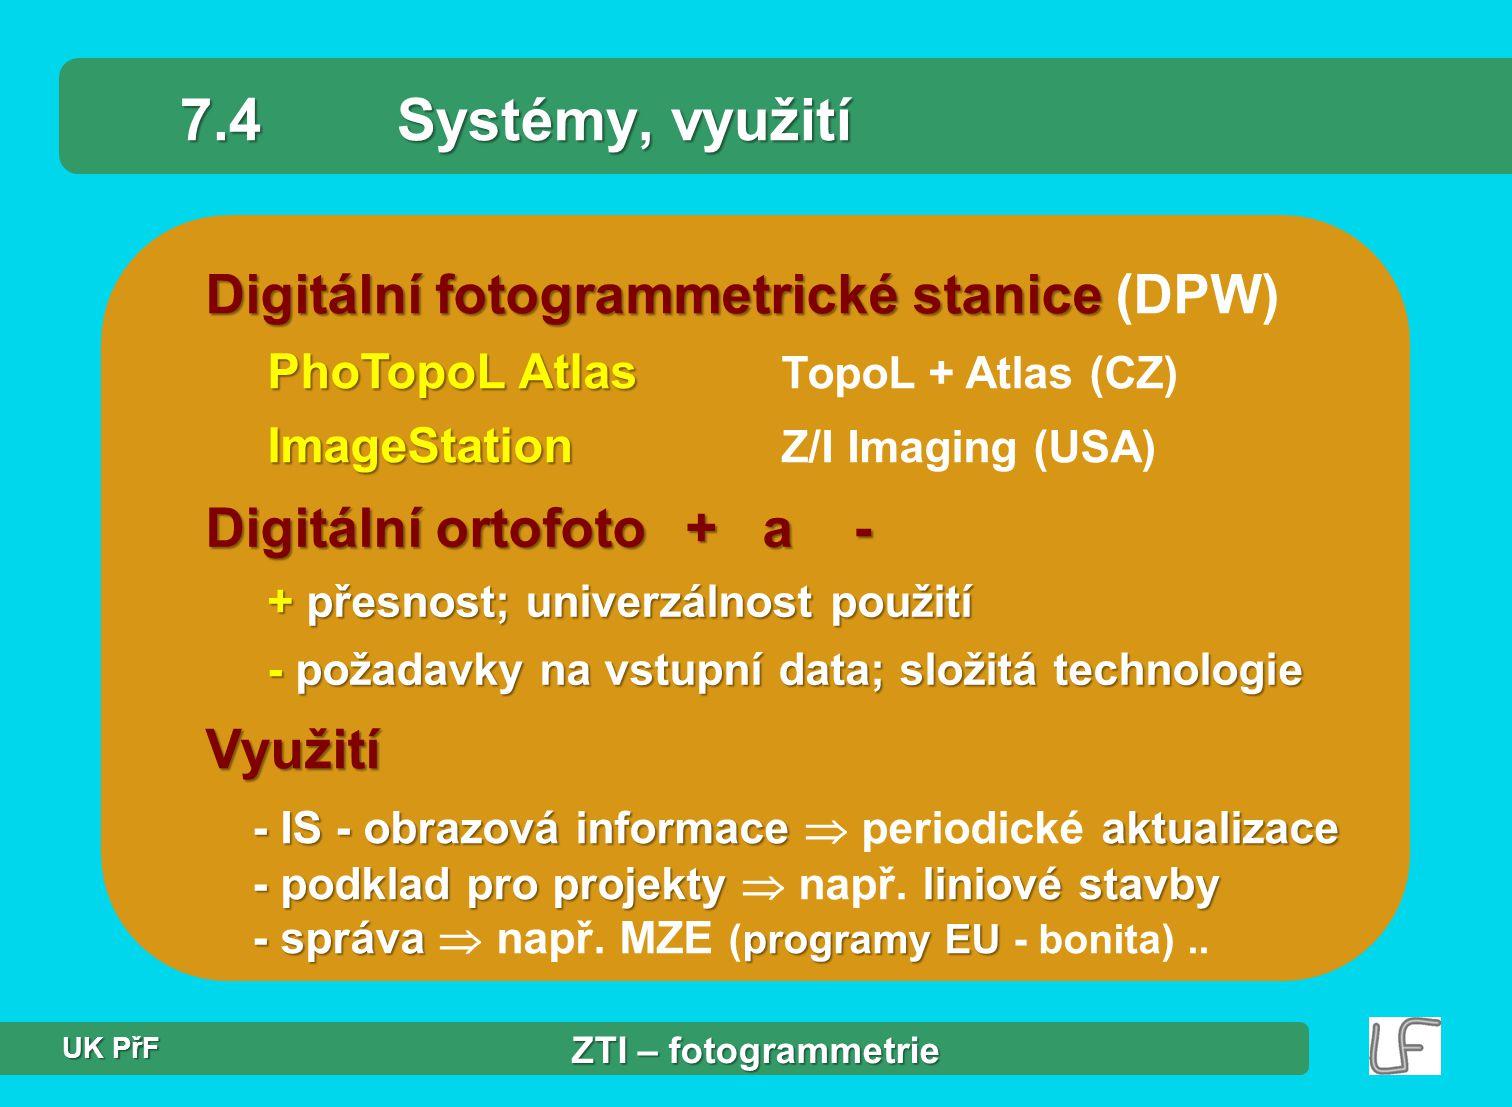 7.4 Systémy, využití Digitální fotogrammetrické stanice (DPW)